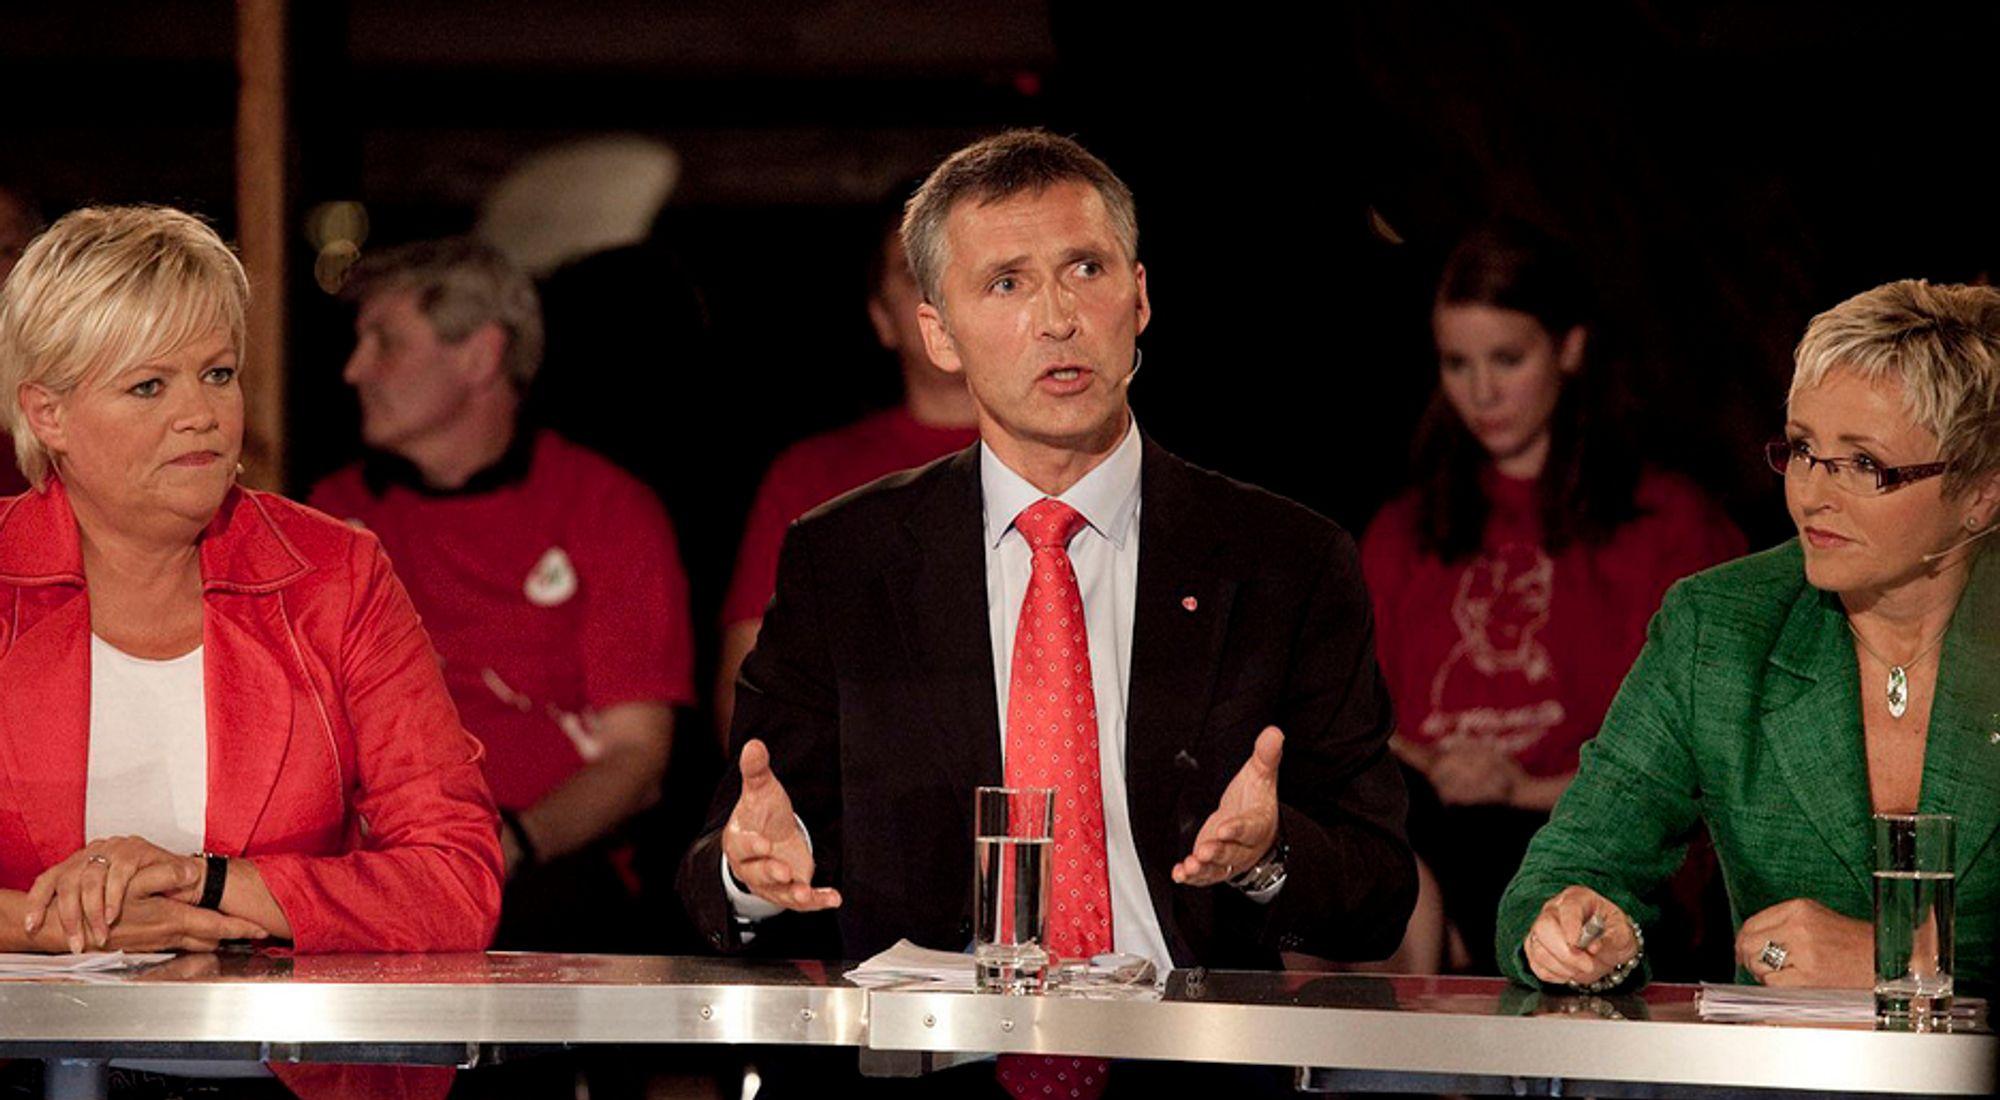 VALG: NITO-medlemmene liker Jens Stoltenberg, men ikke hans regjeringspartnere Kristin Halvorsen (t.v.) og Liv Signe Navarsete.